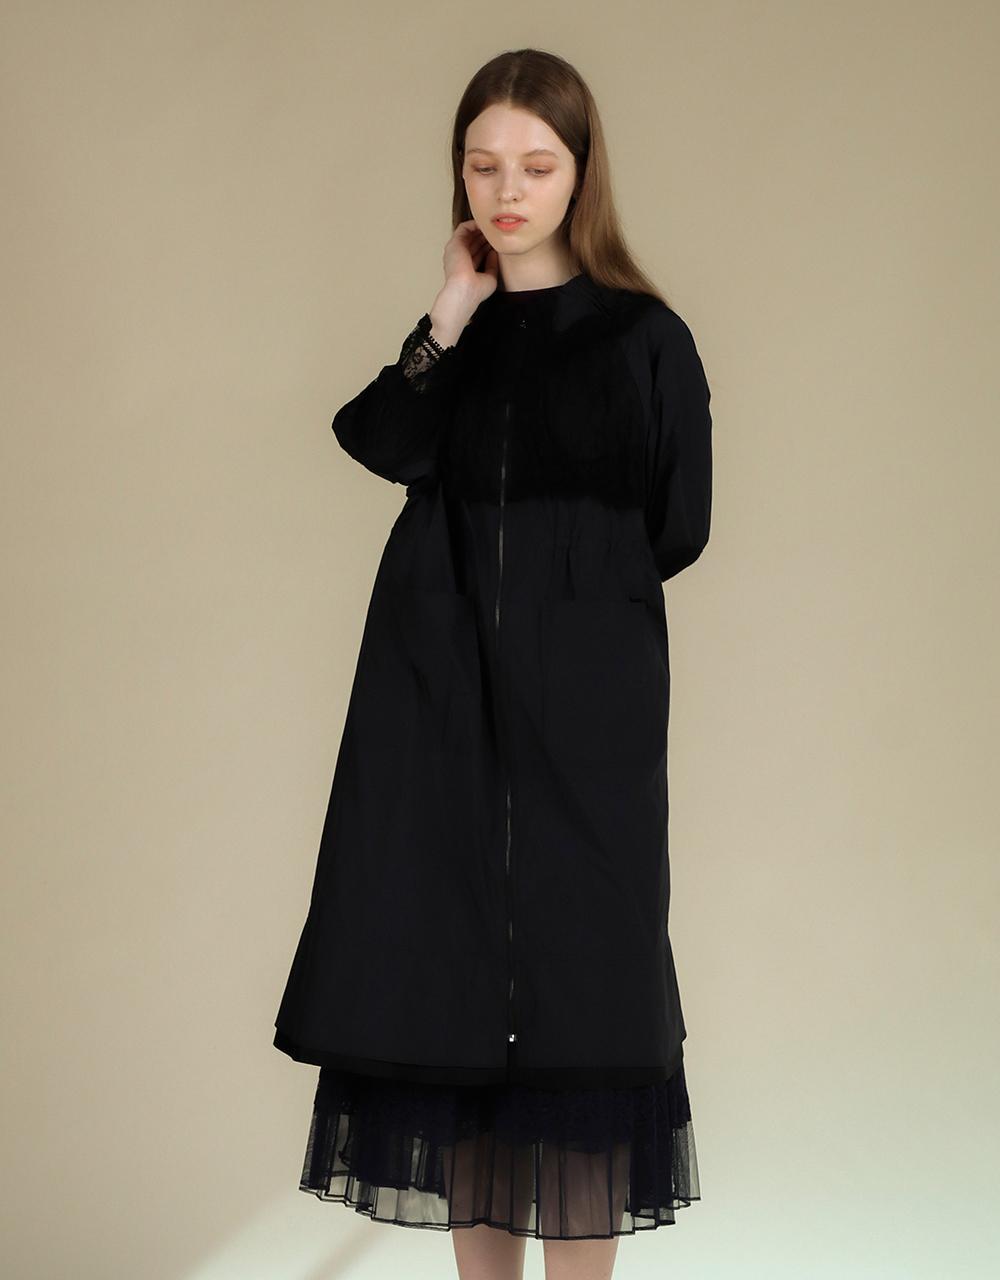 코트 모델 착용 이미지-S2L12